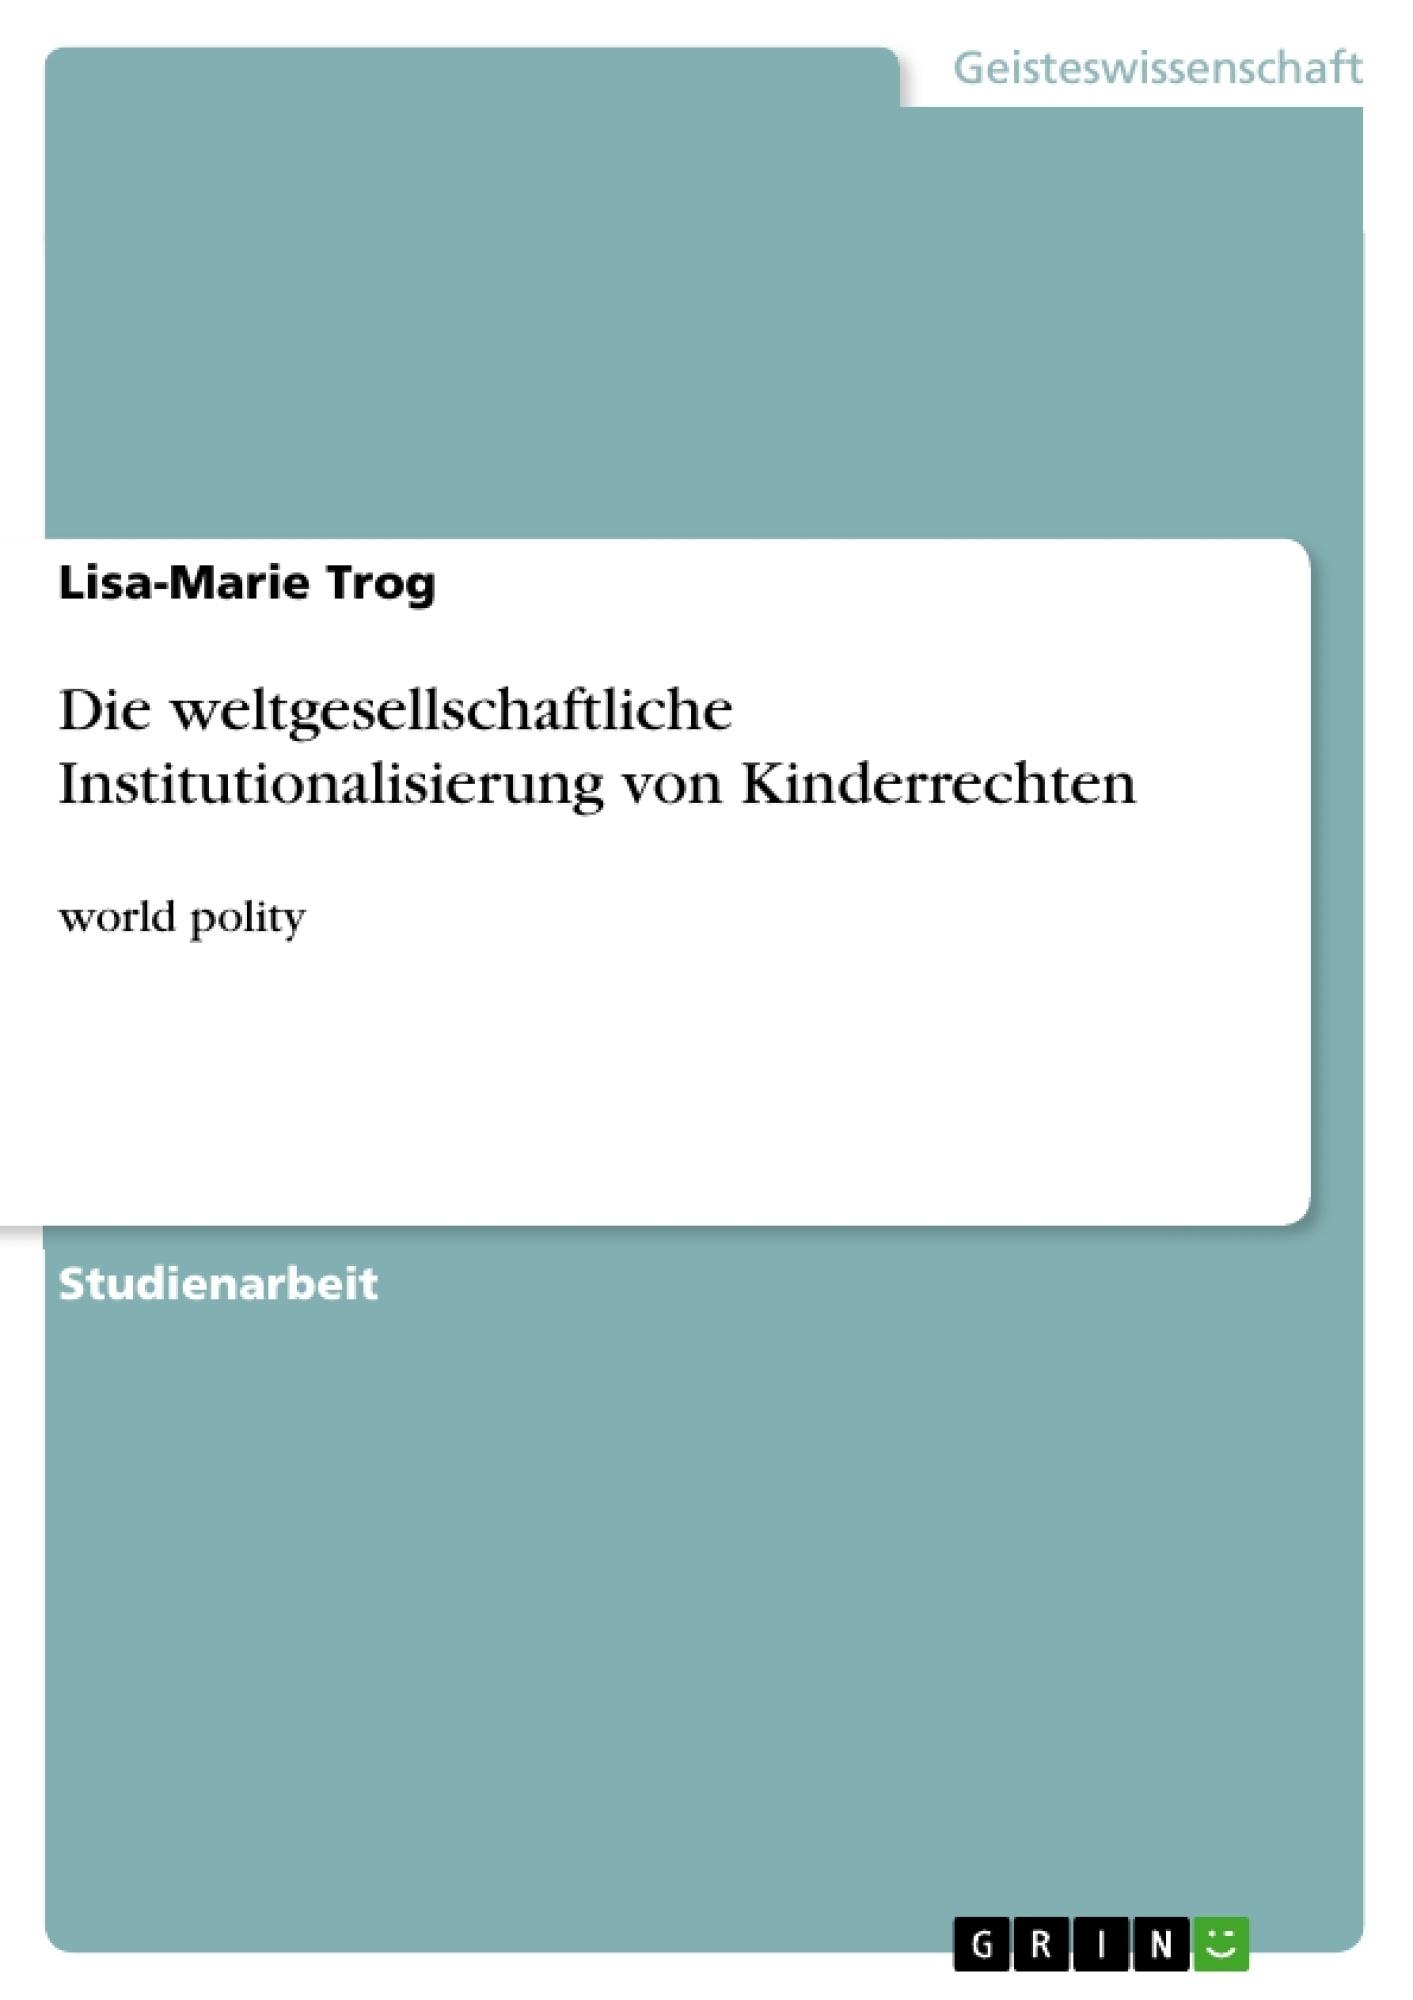 Titel: Die weltgesellschaftliche Institutionalisierung von Kinderrechten